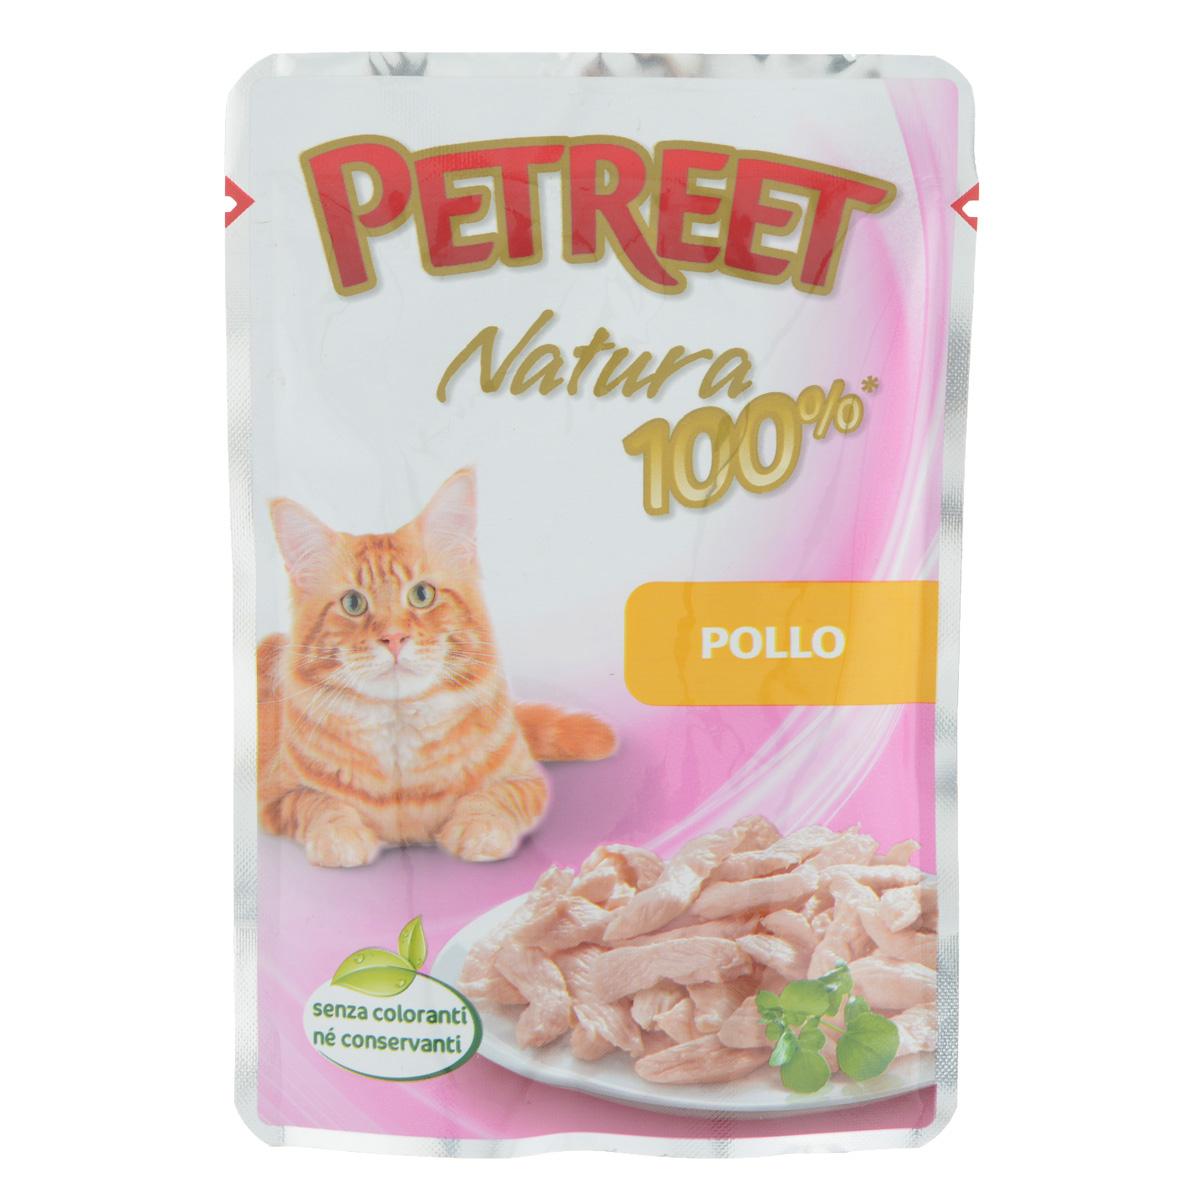 Консервы для кошек Petreet, с курицей, 85 гА55005Консервы для кошек Petreet - это линейка кормов, в которых содержится белок только животного происхождения. Это помогает защитить вашу кошку от пищевой аллергии, тем самым обеспечивая ее полезное и вкусное питание. Консервы для кошек Petreet специально разработаны без добавления консервантов, красителей и усилителей вкуса. Характеристики: Состав: курица (60%), рисовая мука (1%), модифицированный крахмал.Пищевая ценность: белки - 10%, влажность - 87%, масла - 0,5%, клетчатка - 0,5%, зола - 1 %.Вес: 85 г.Товар сертифицирован.